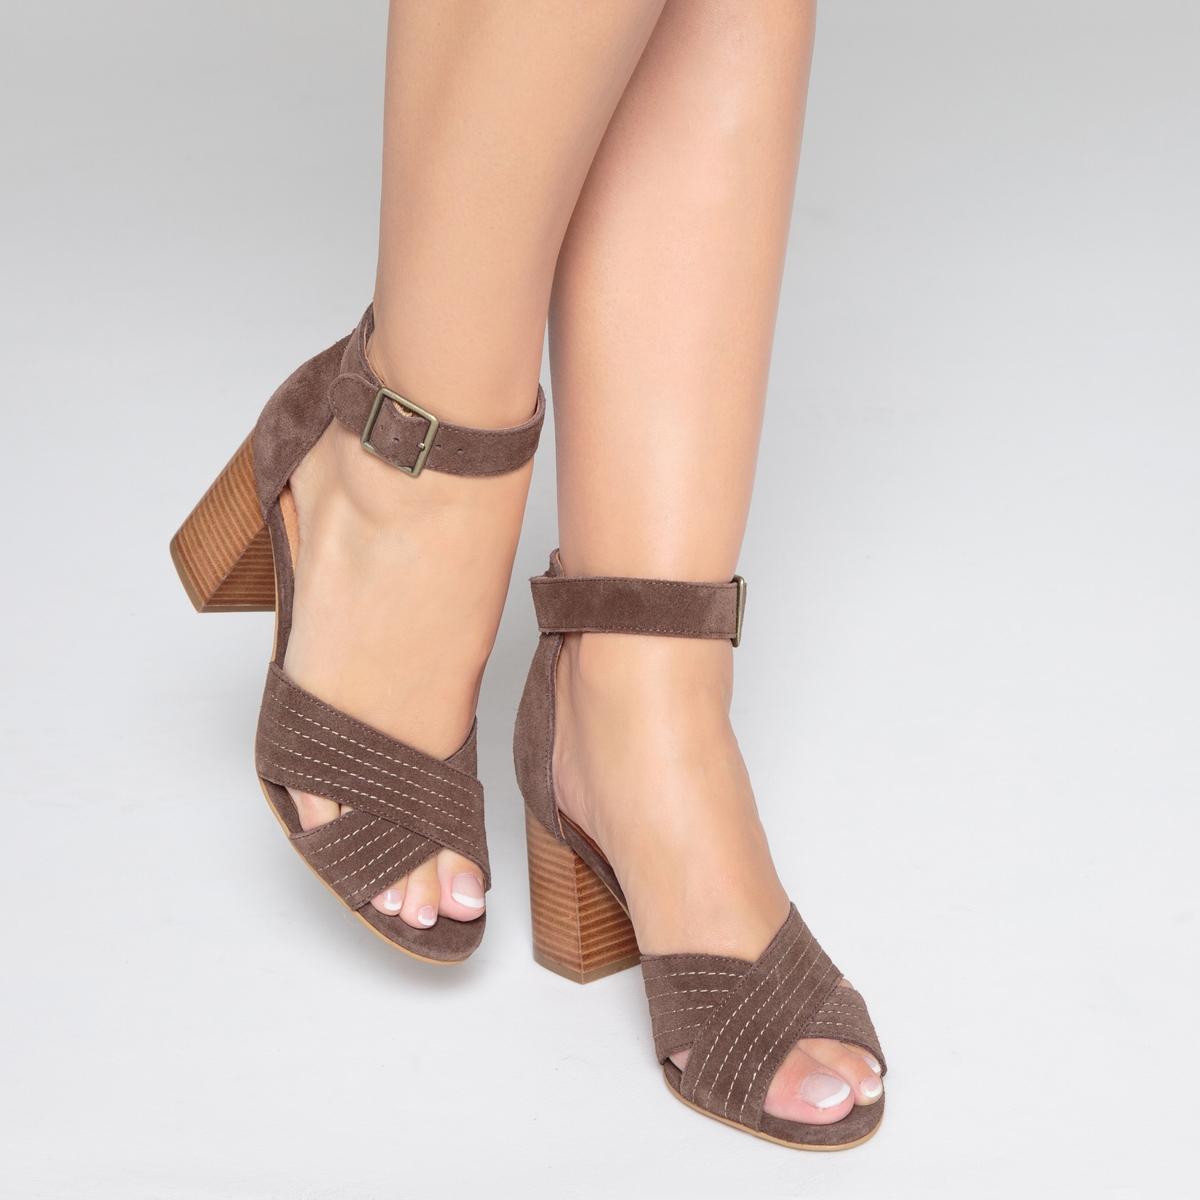 Sandalias de piel con correas cruzadas